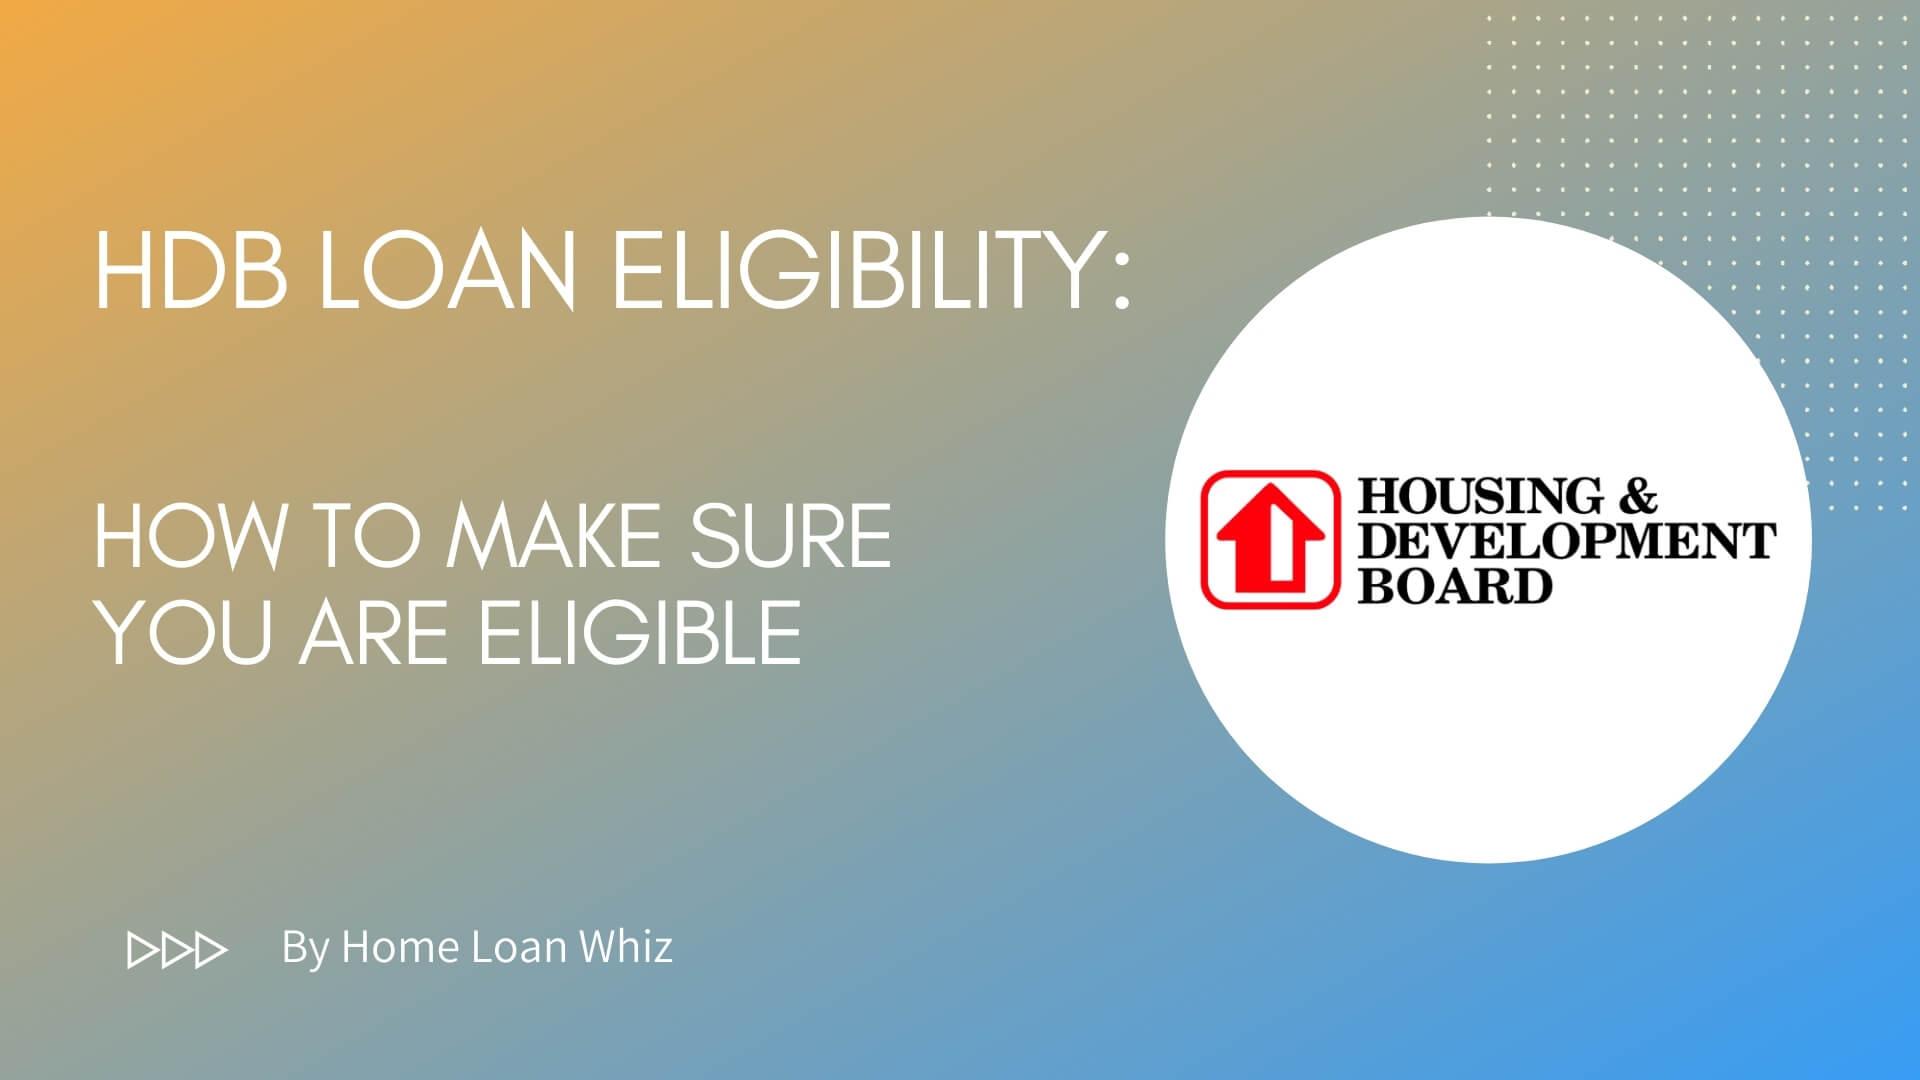 hdb loan eligibility